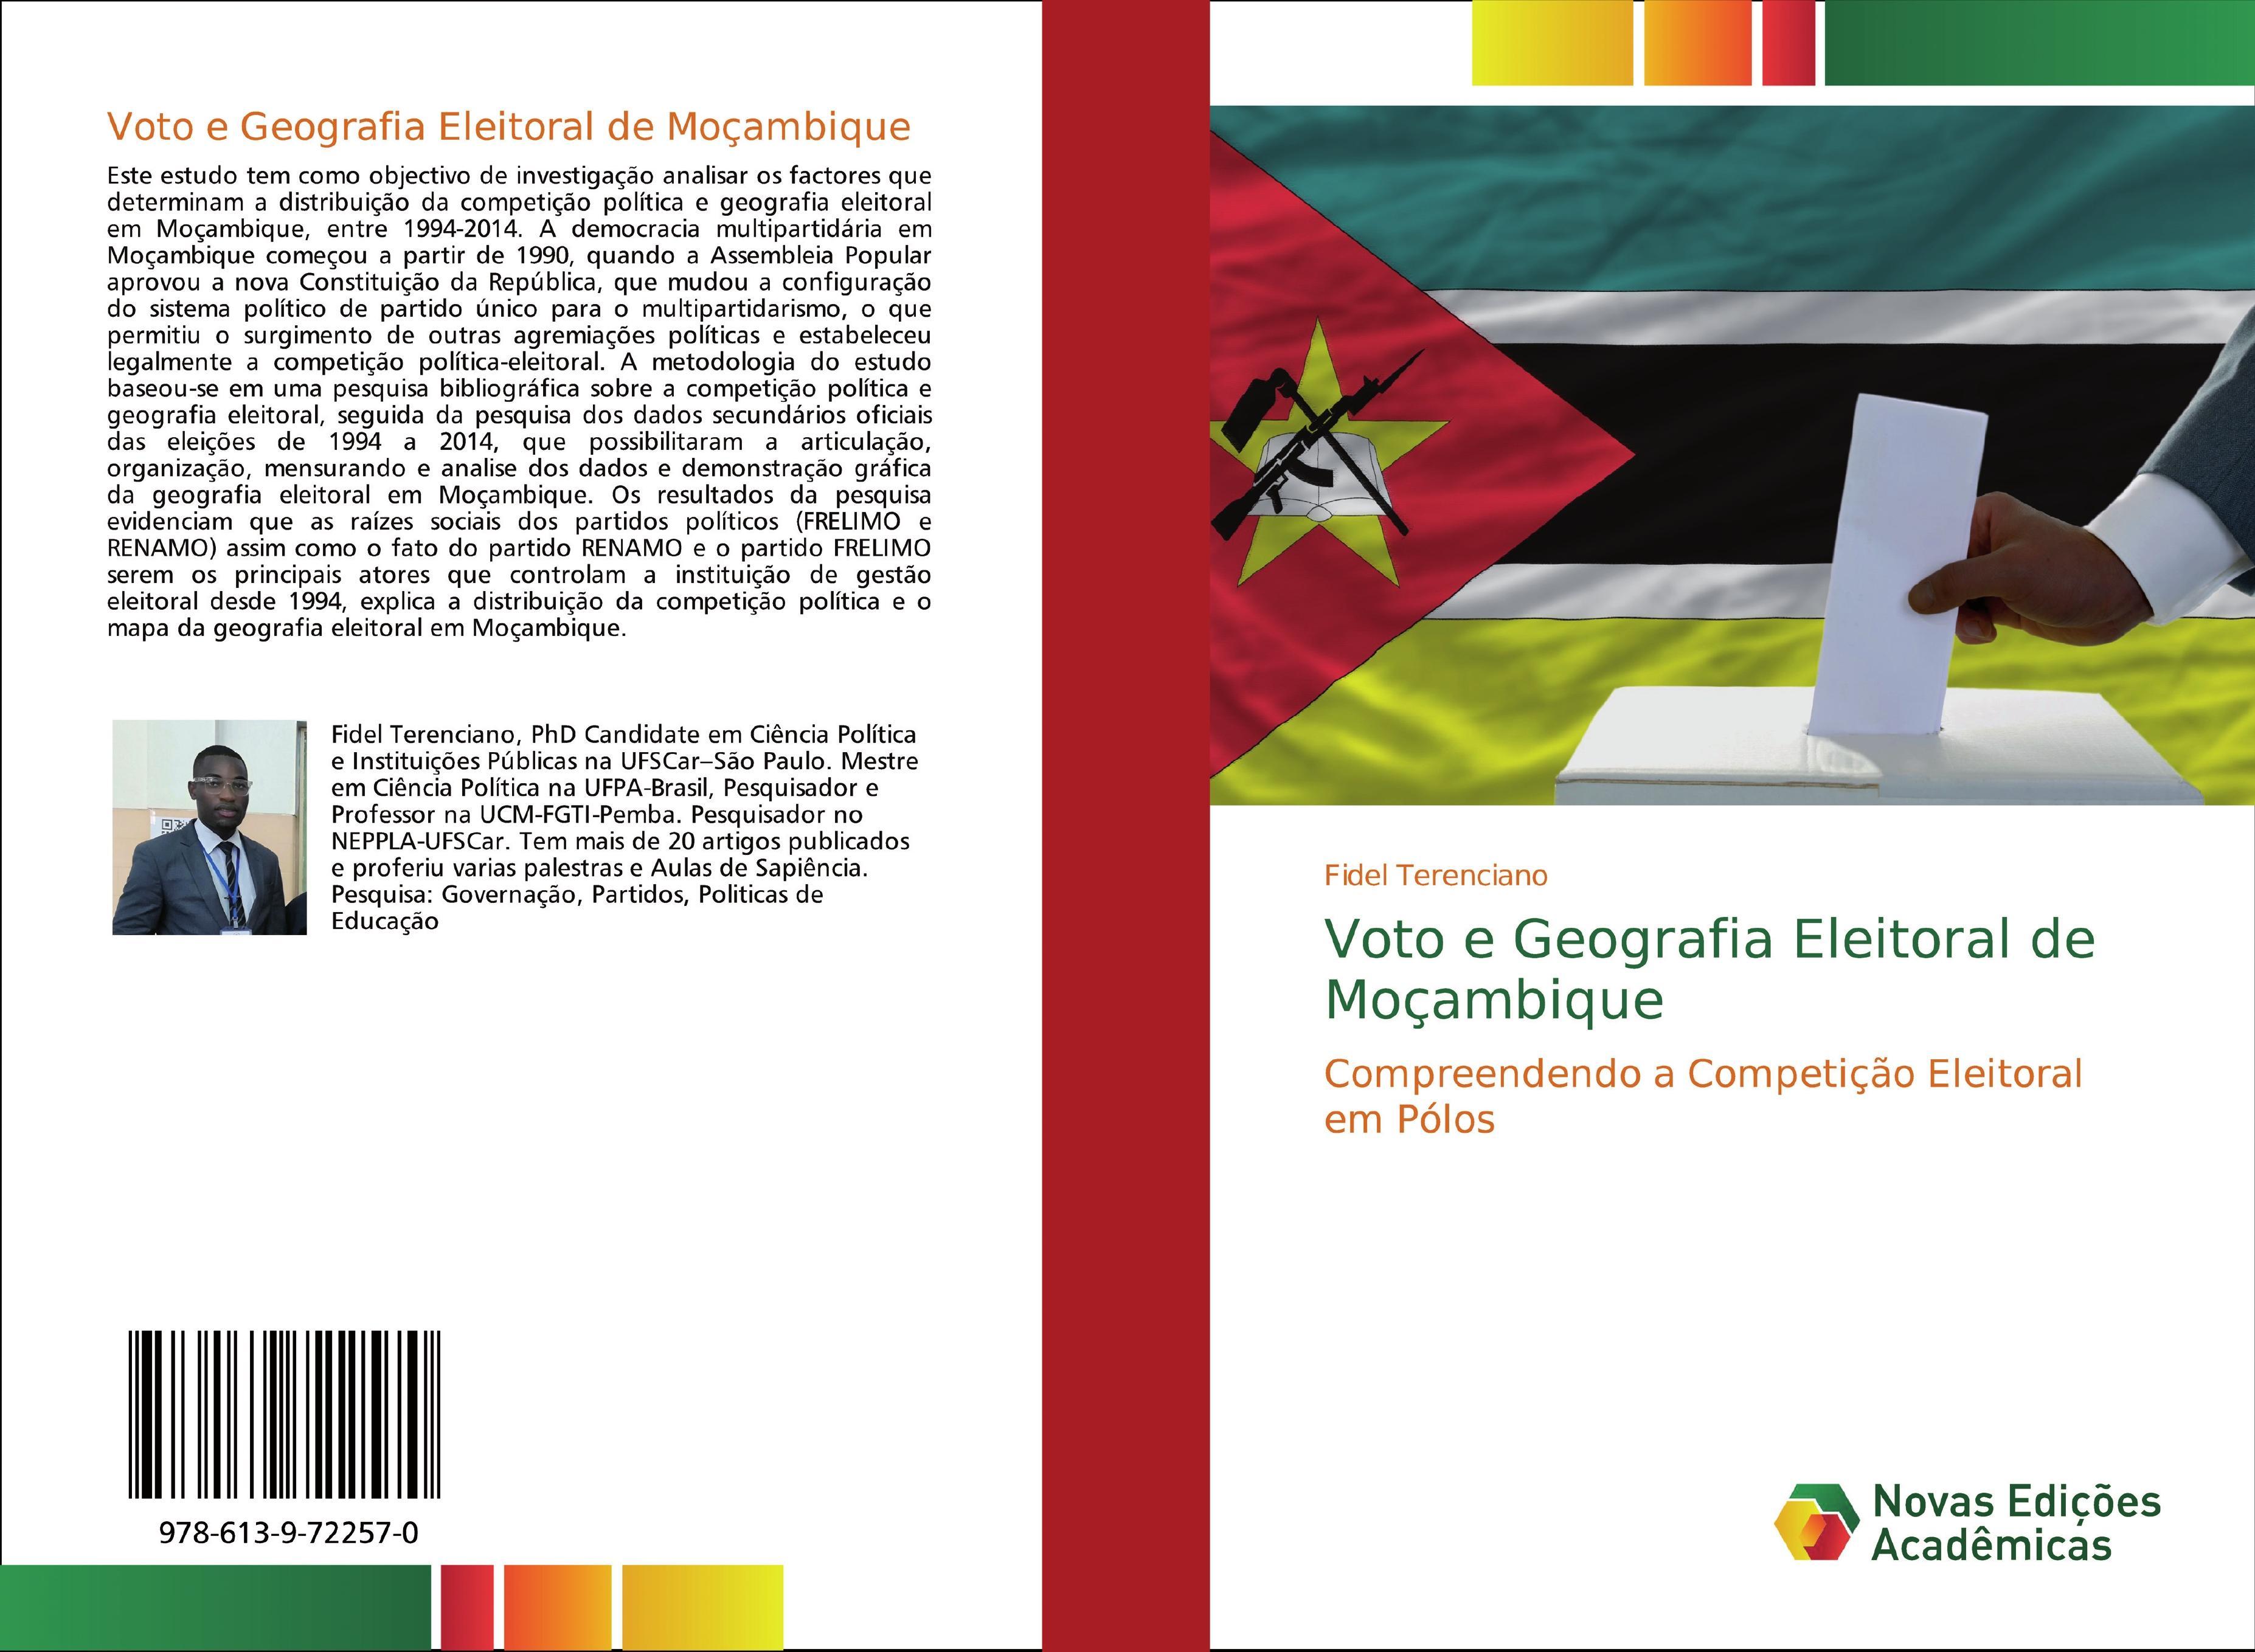 Voto e Geografia Eleitoral de Moçambique  Compreendendo a Competição Eleitoral em Pólos  Fidel Terenciano  Taschenbuch  Paperback  Portugiesisch  2019 - Terenciano, Fidel